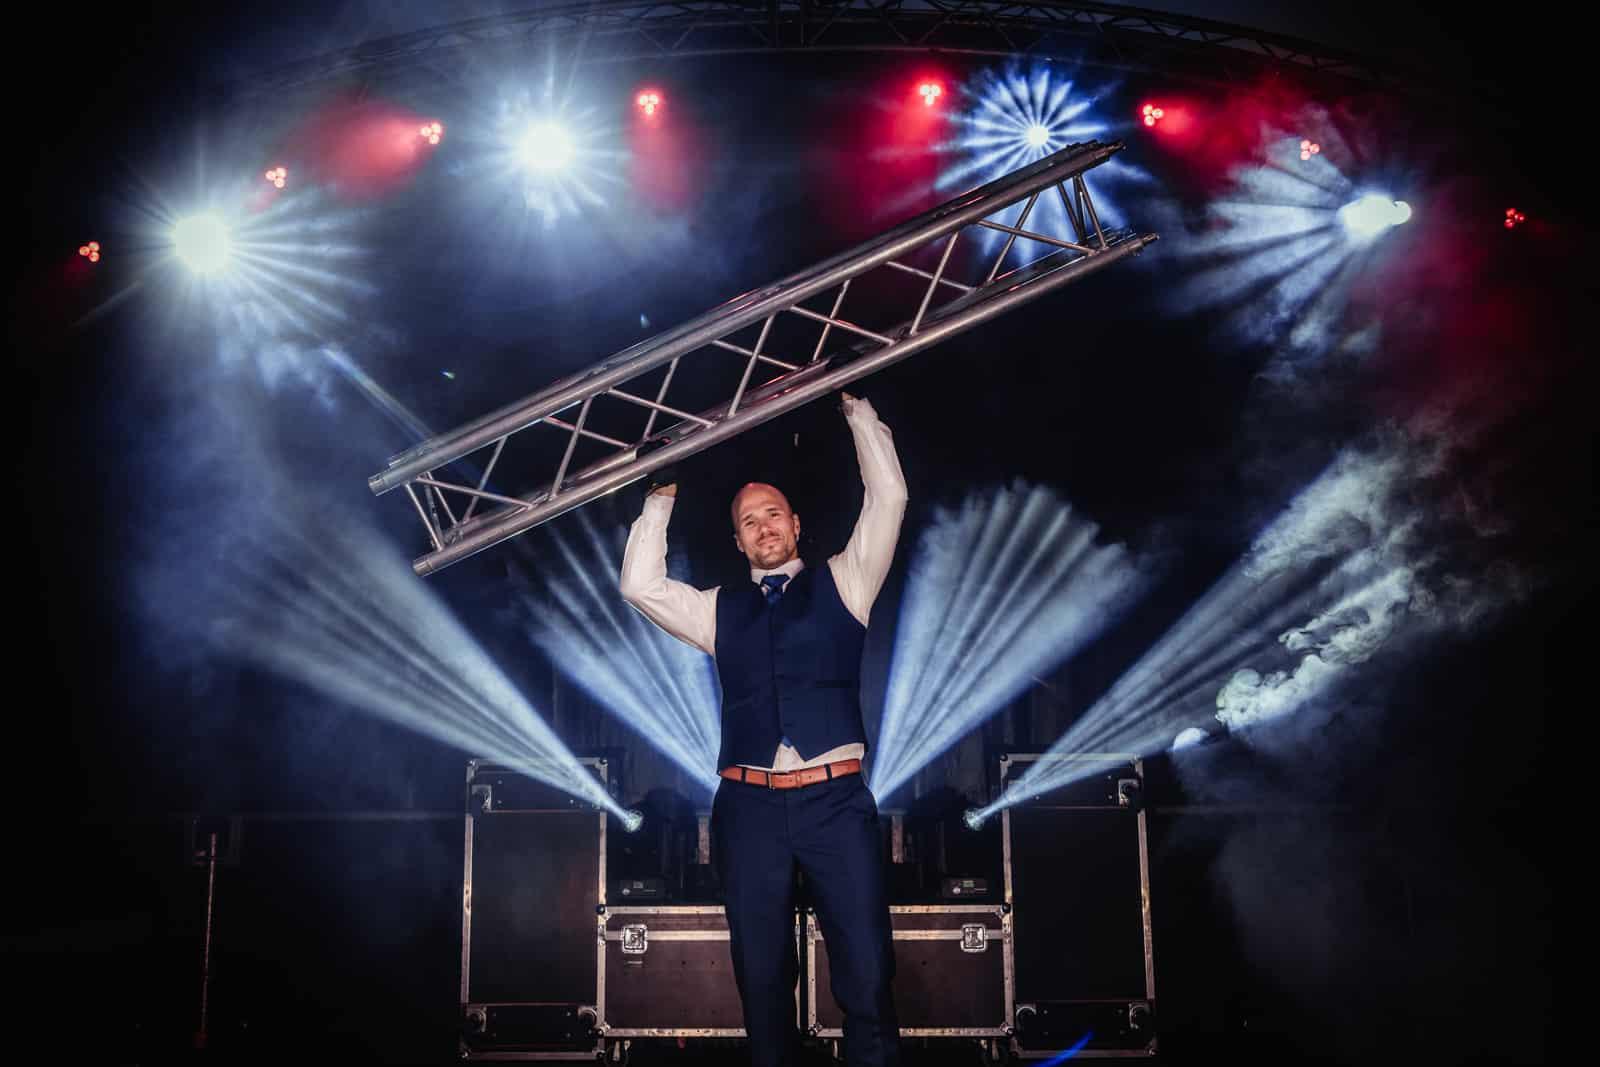 Mann hält eine Traverse über seinen Kopf hoch auf einer nächtlich beleuchteten Konzertbühne.